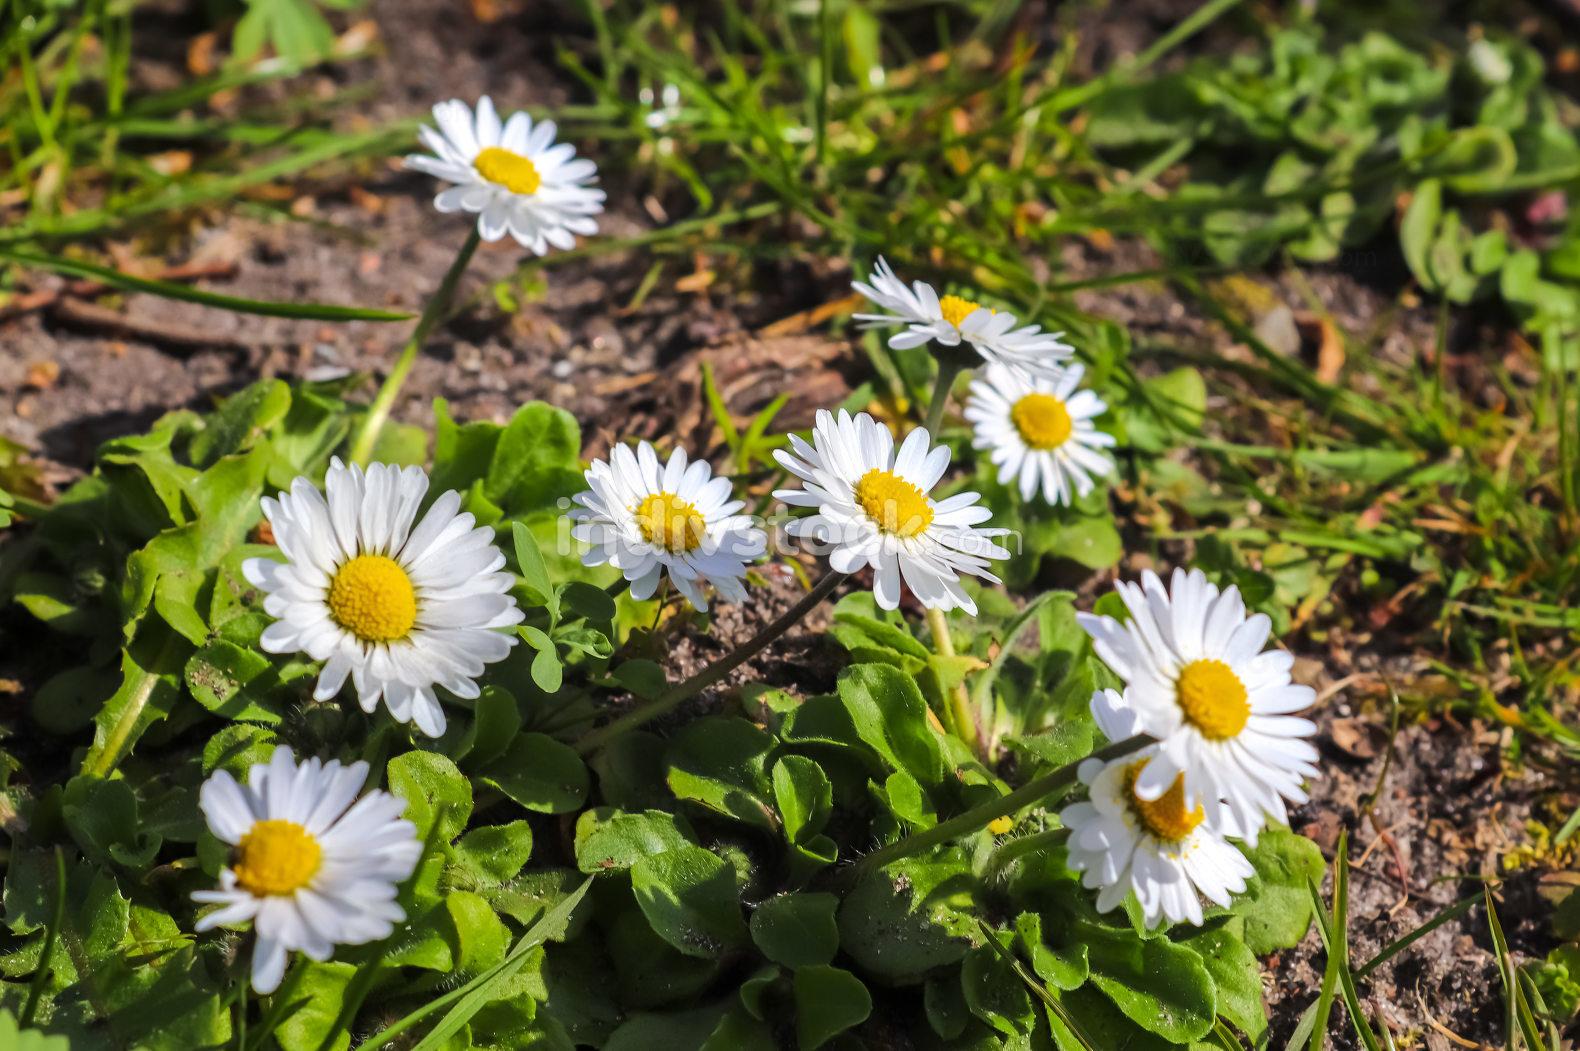 White garden daisy in a floral summer background. Leucanthemum v